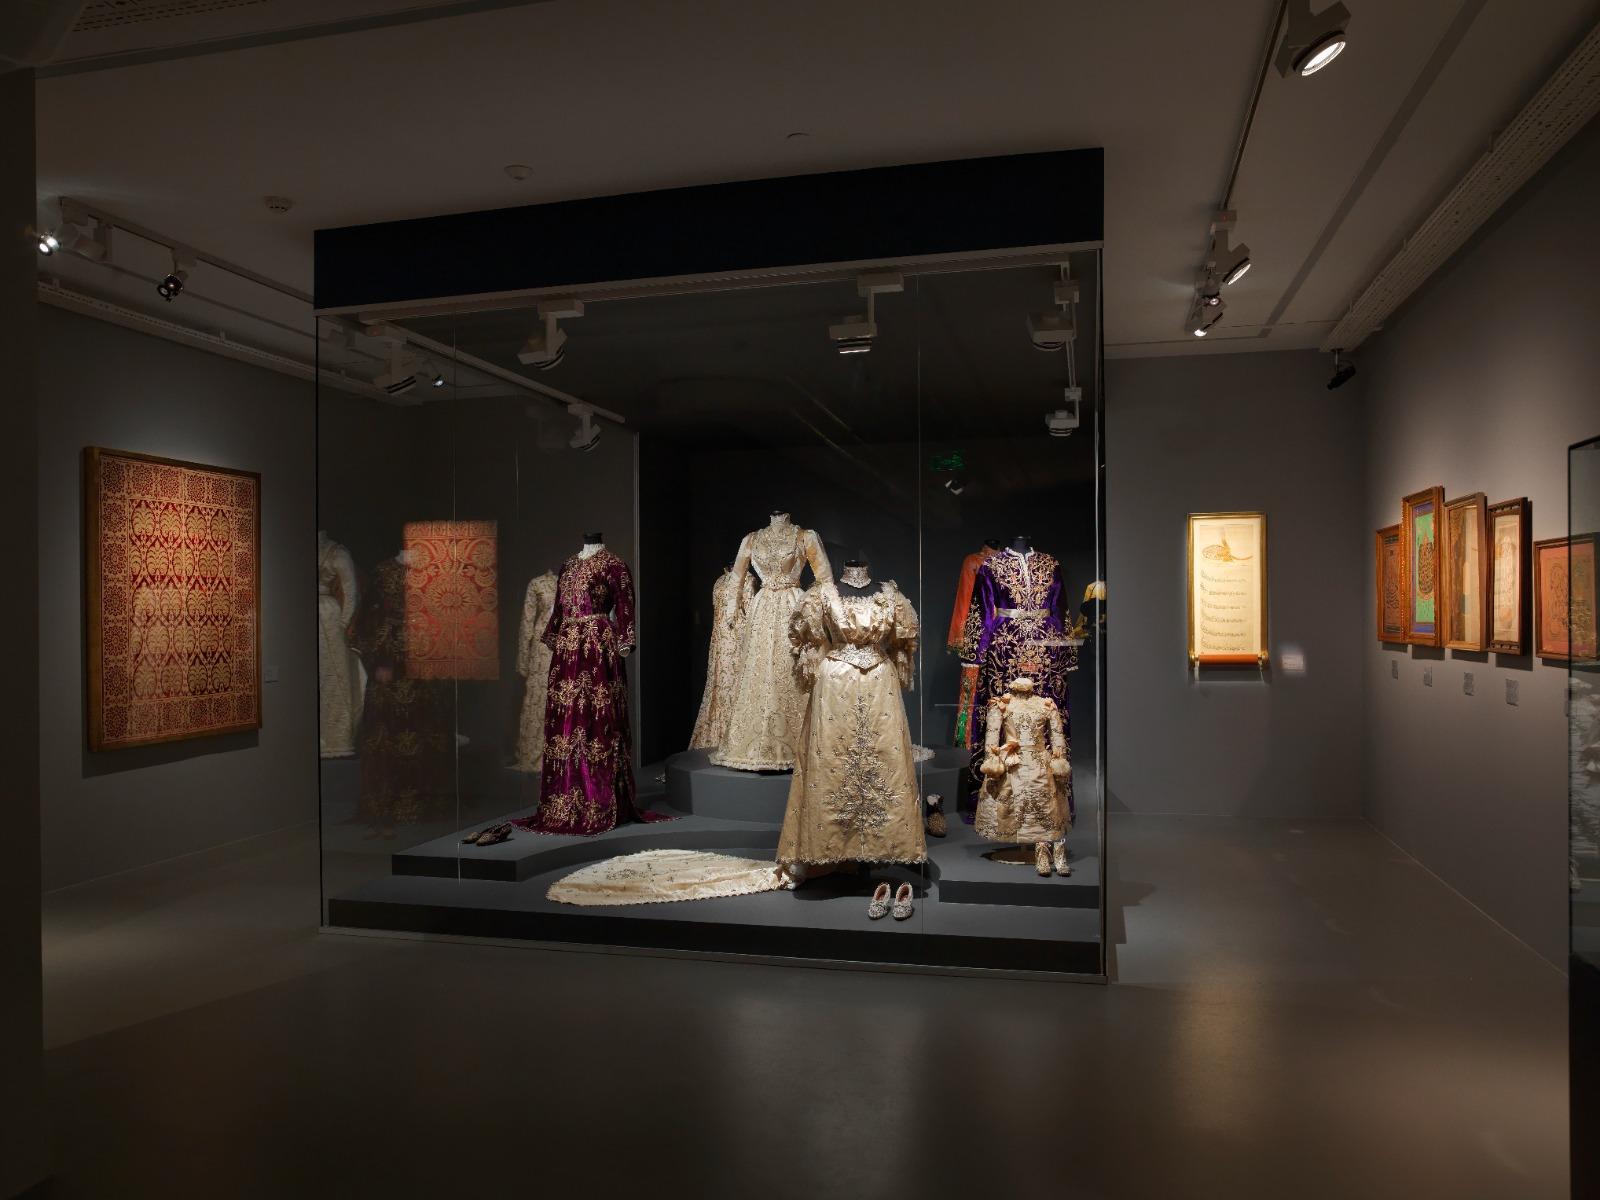 Türkiye'nin ilk özel müzesi olan Sadberk Hanım Müzesi'nden bir seçki Meşher'de